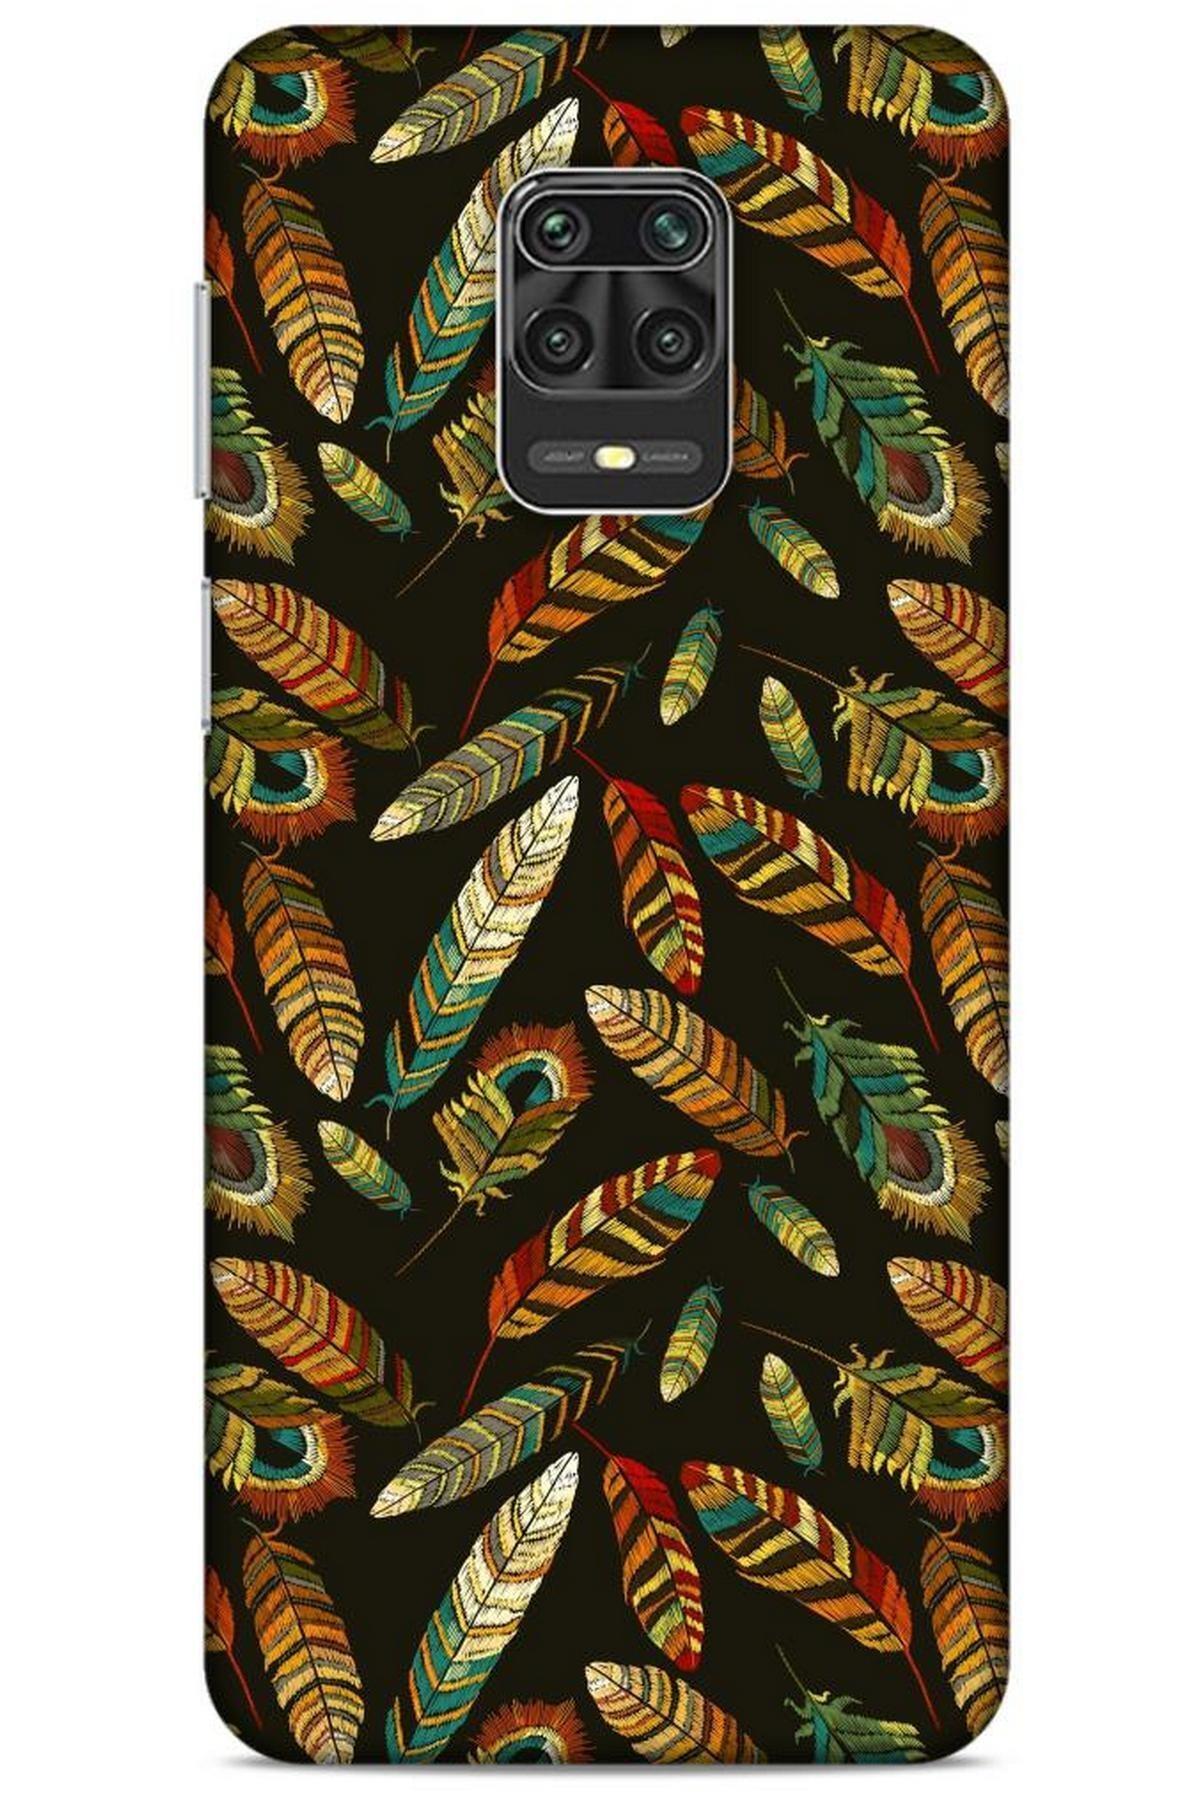 Lopard Xiaomi Redmi Note 9 Pro Kılıf Desenli Özel Seri Tüyler (9) Kılıf 1